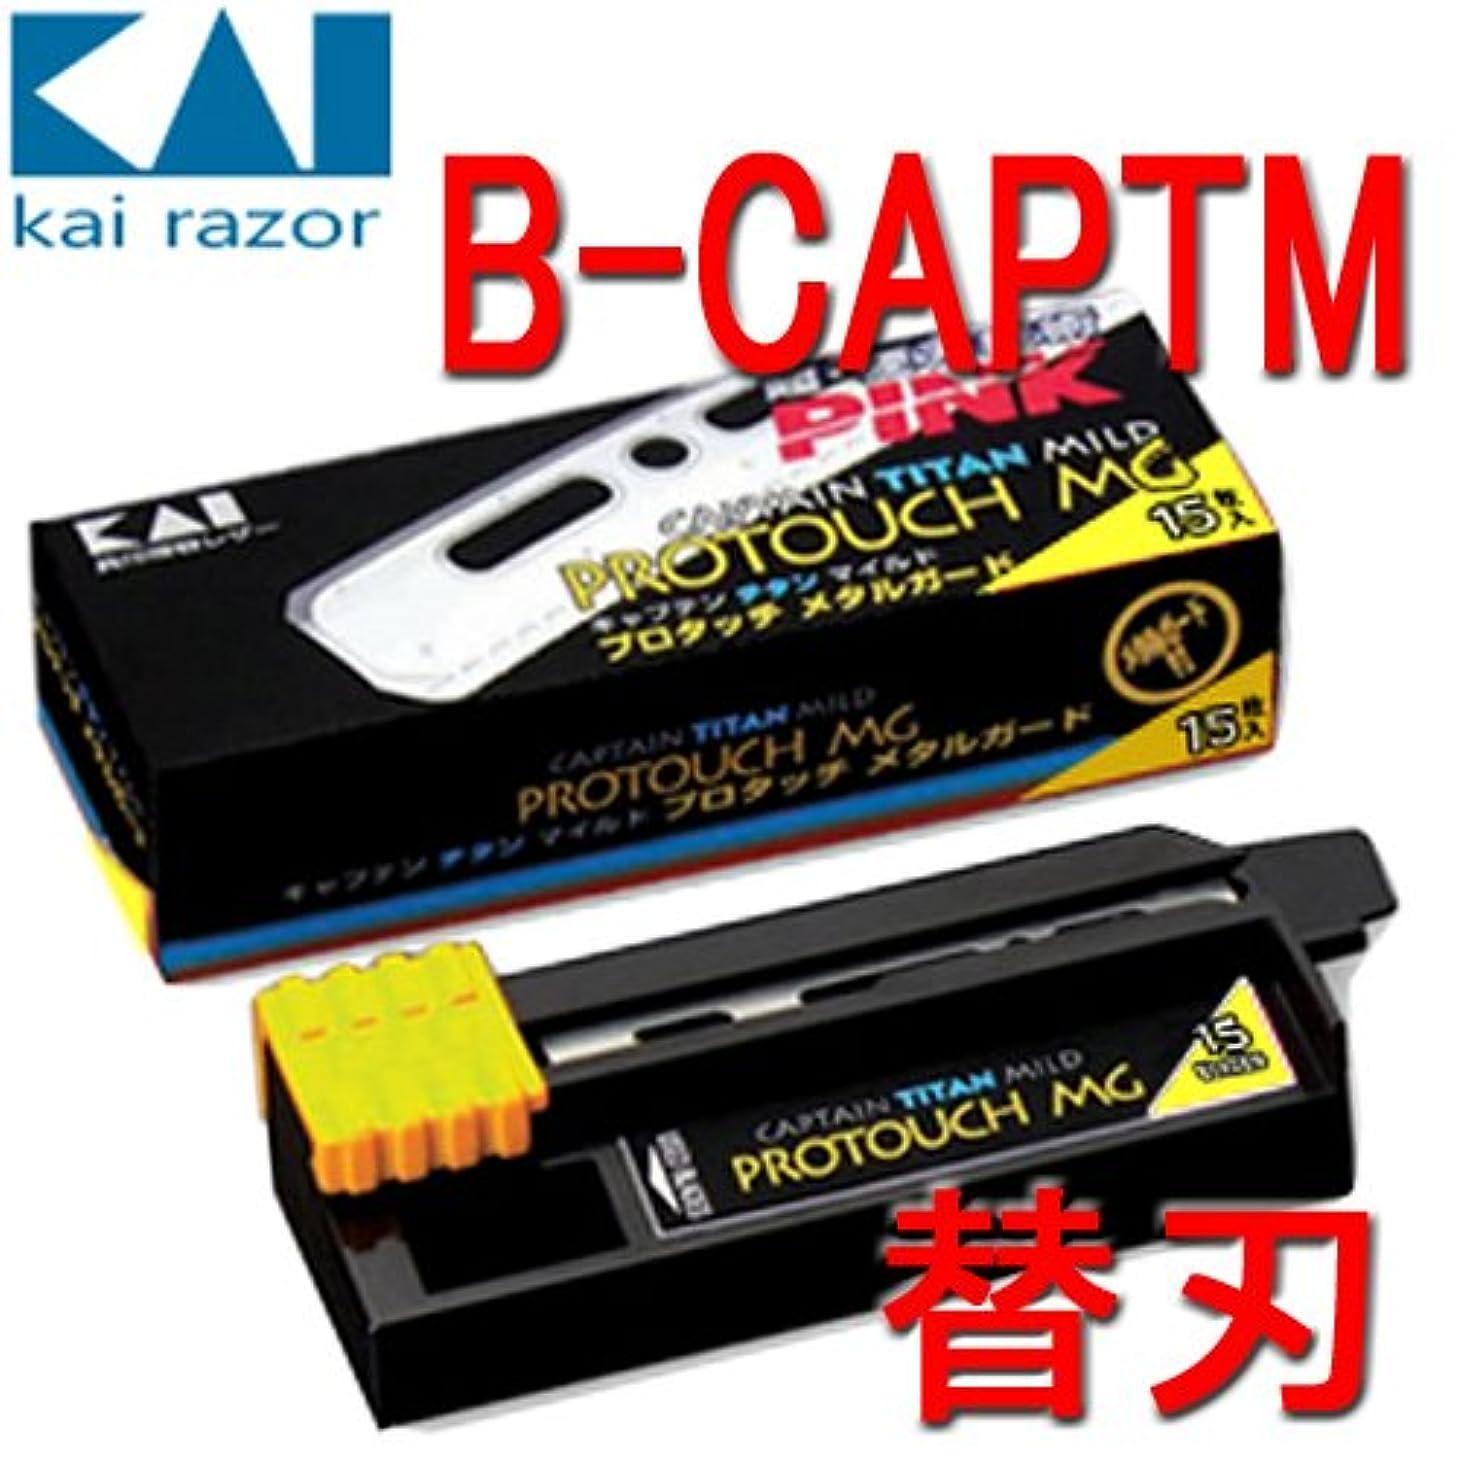 電気技師ケニアスラダム【貝印カミソリ】 業務用 キャプテン-チタン-メタルガード15 (B-CAPTM)